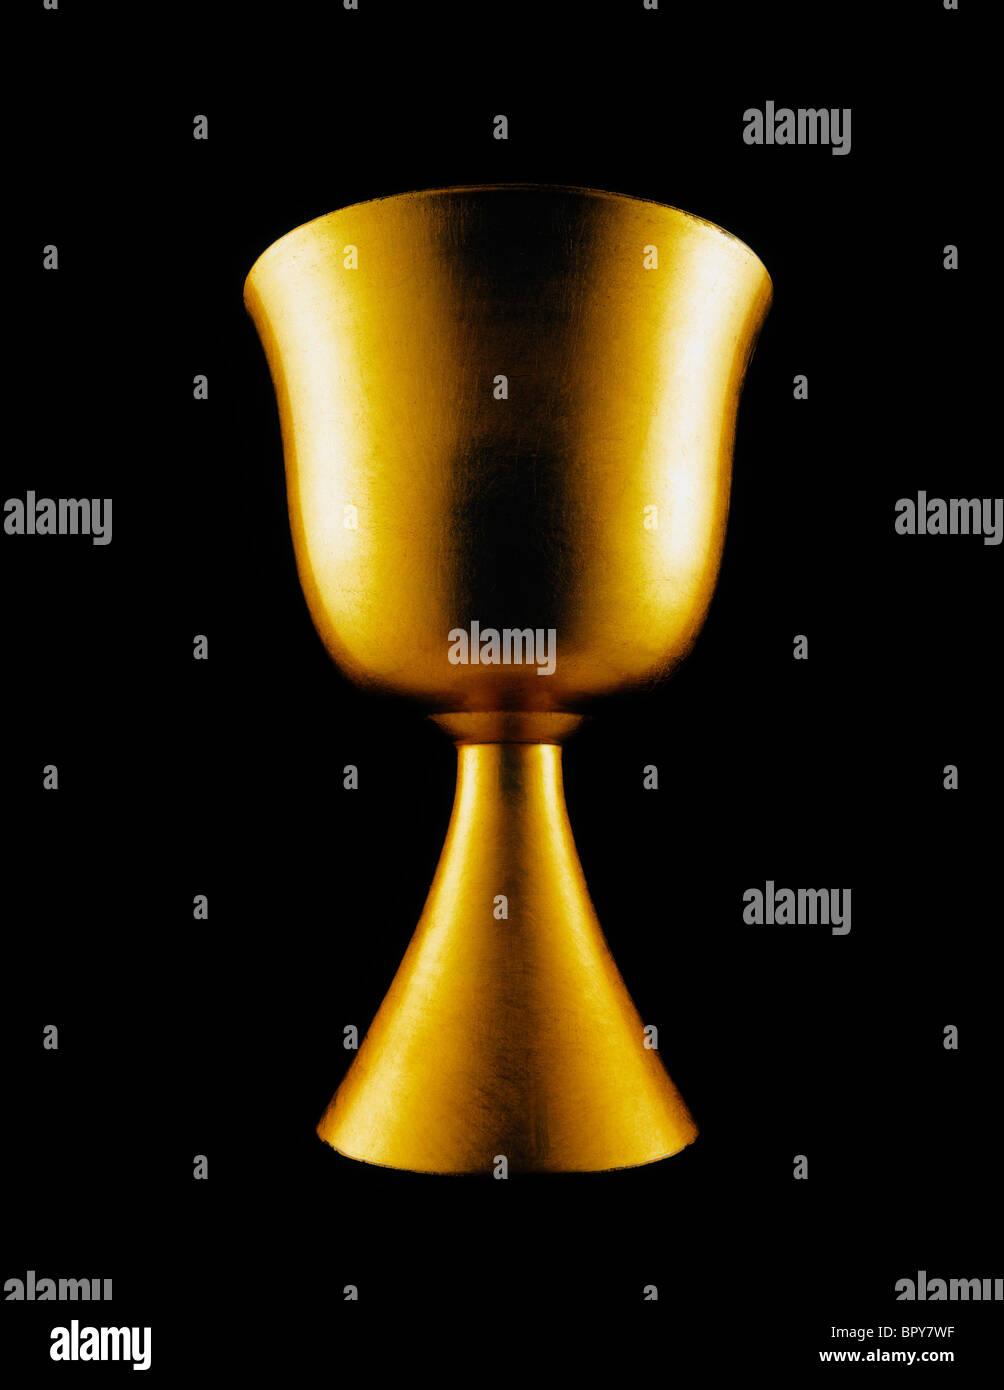 Einen goldenen Kelch auf schwarzem Hintergrund erfassen die Herrlichkeit und die Autorität des Christentums. Stockbild